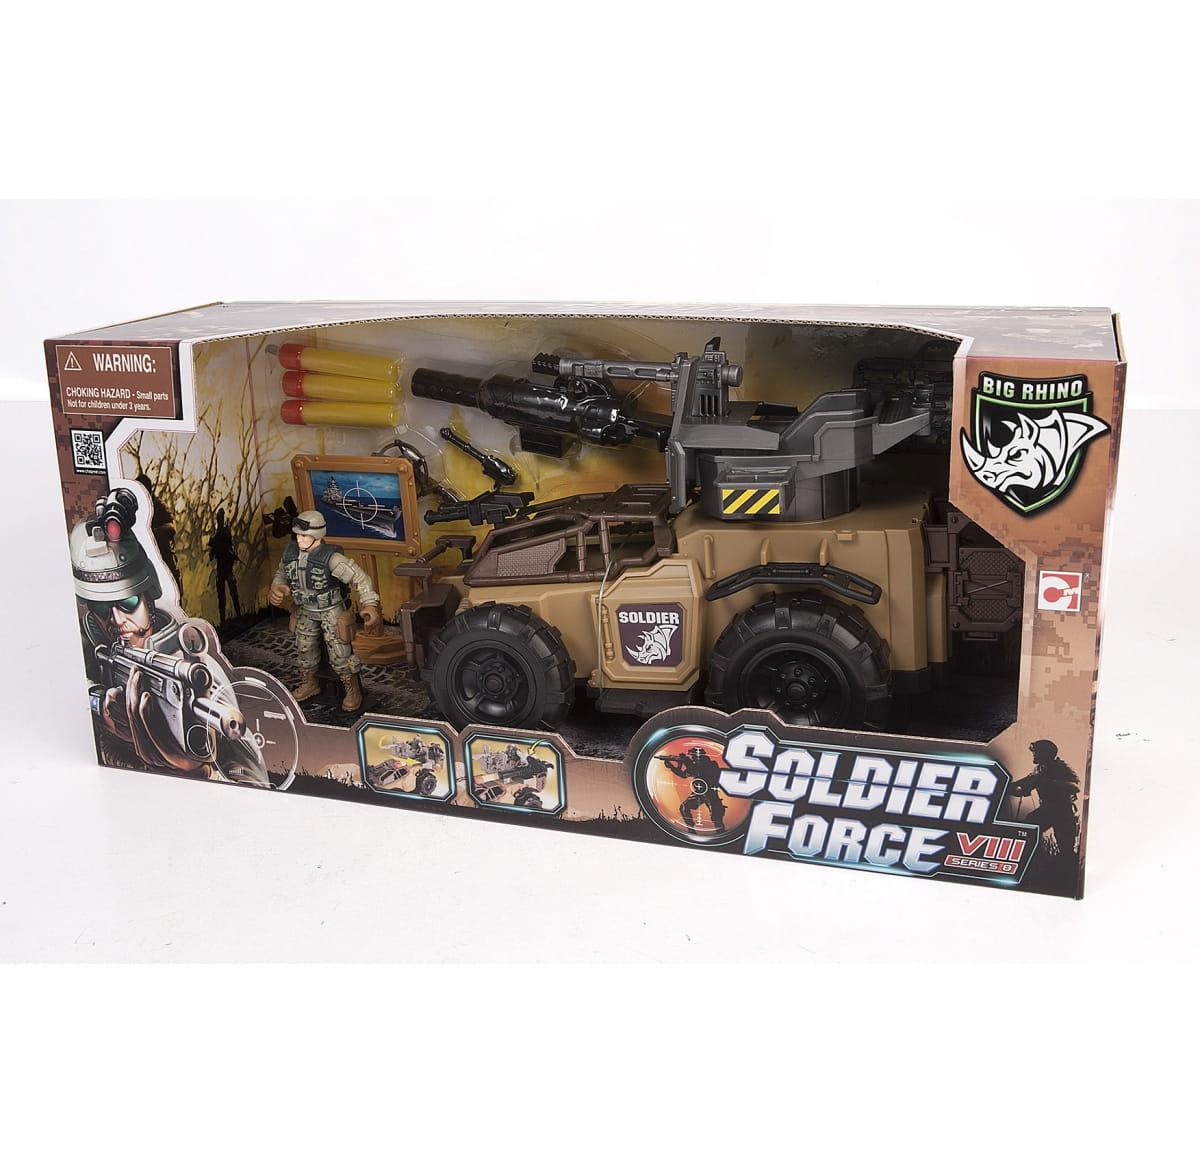 Игровой набор Chap Mei 521065 Soldier Force - Ударный броневик